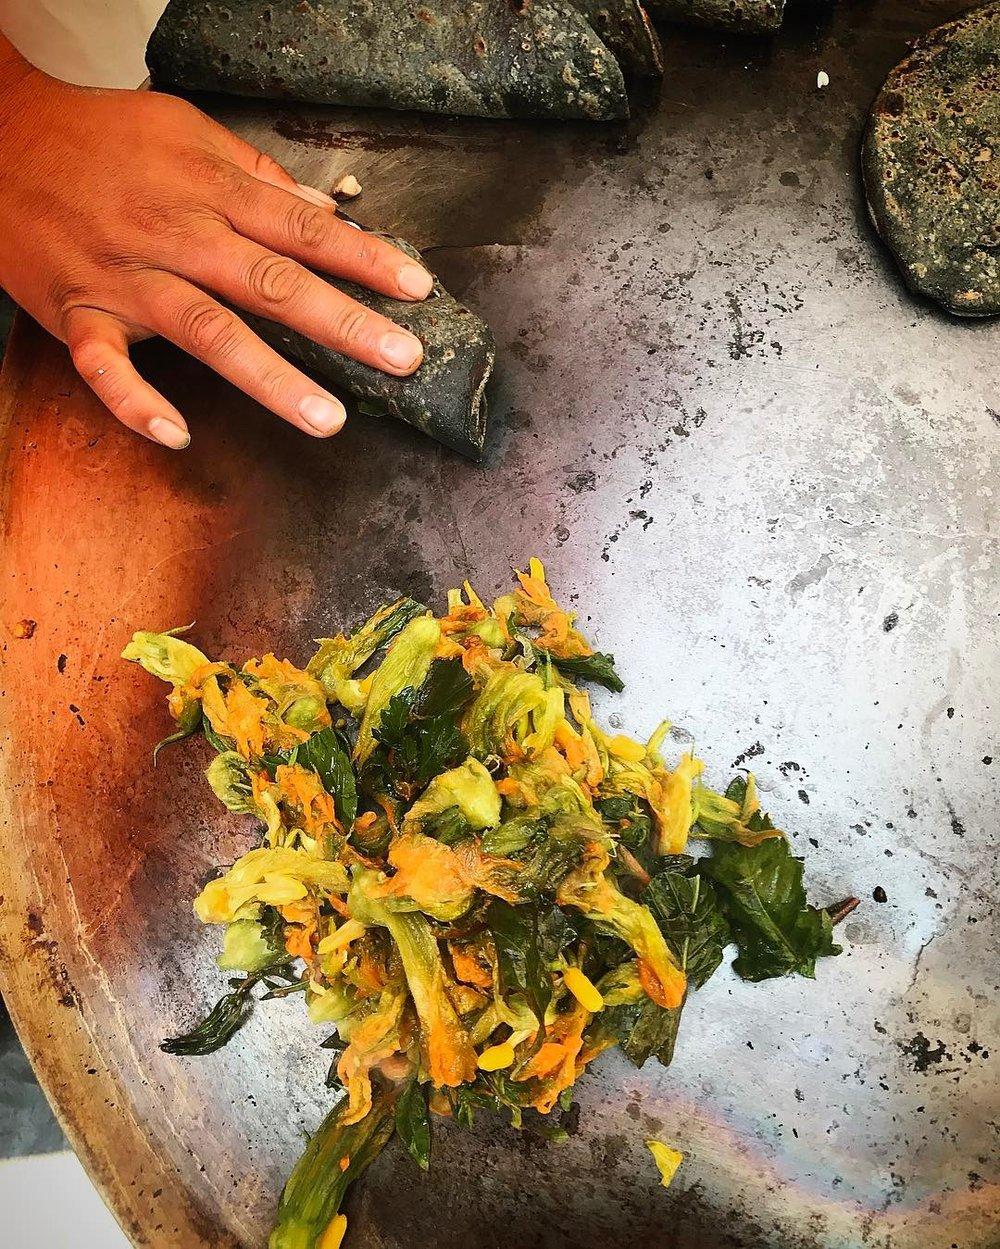 mexico-street-food-tour.jpg